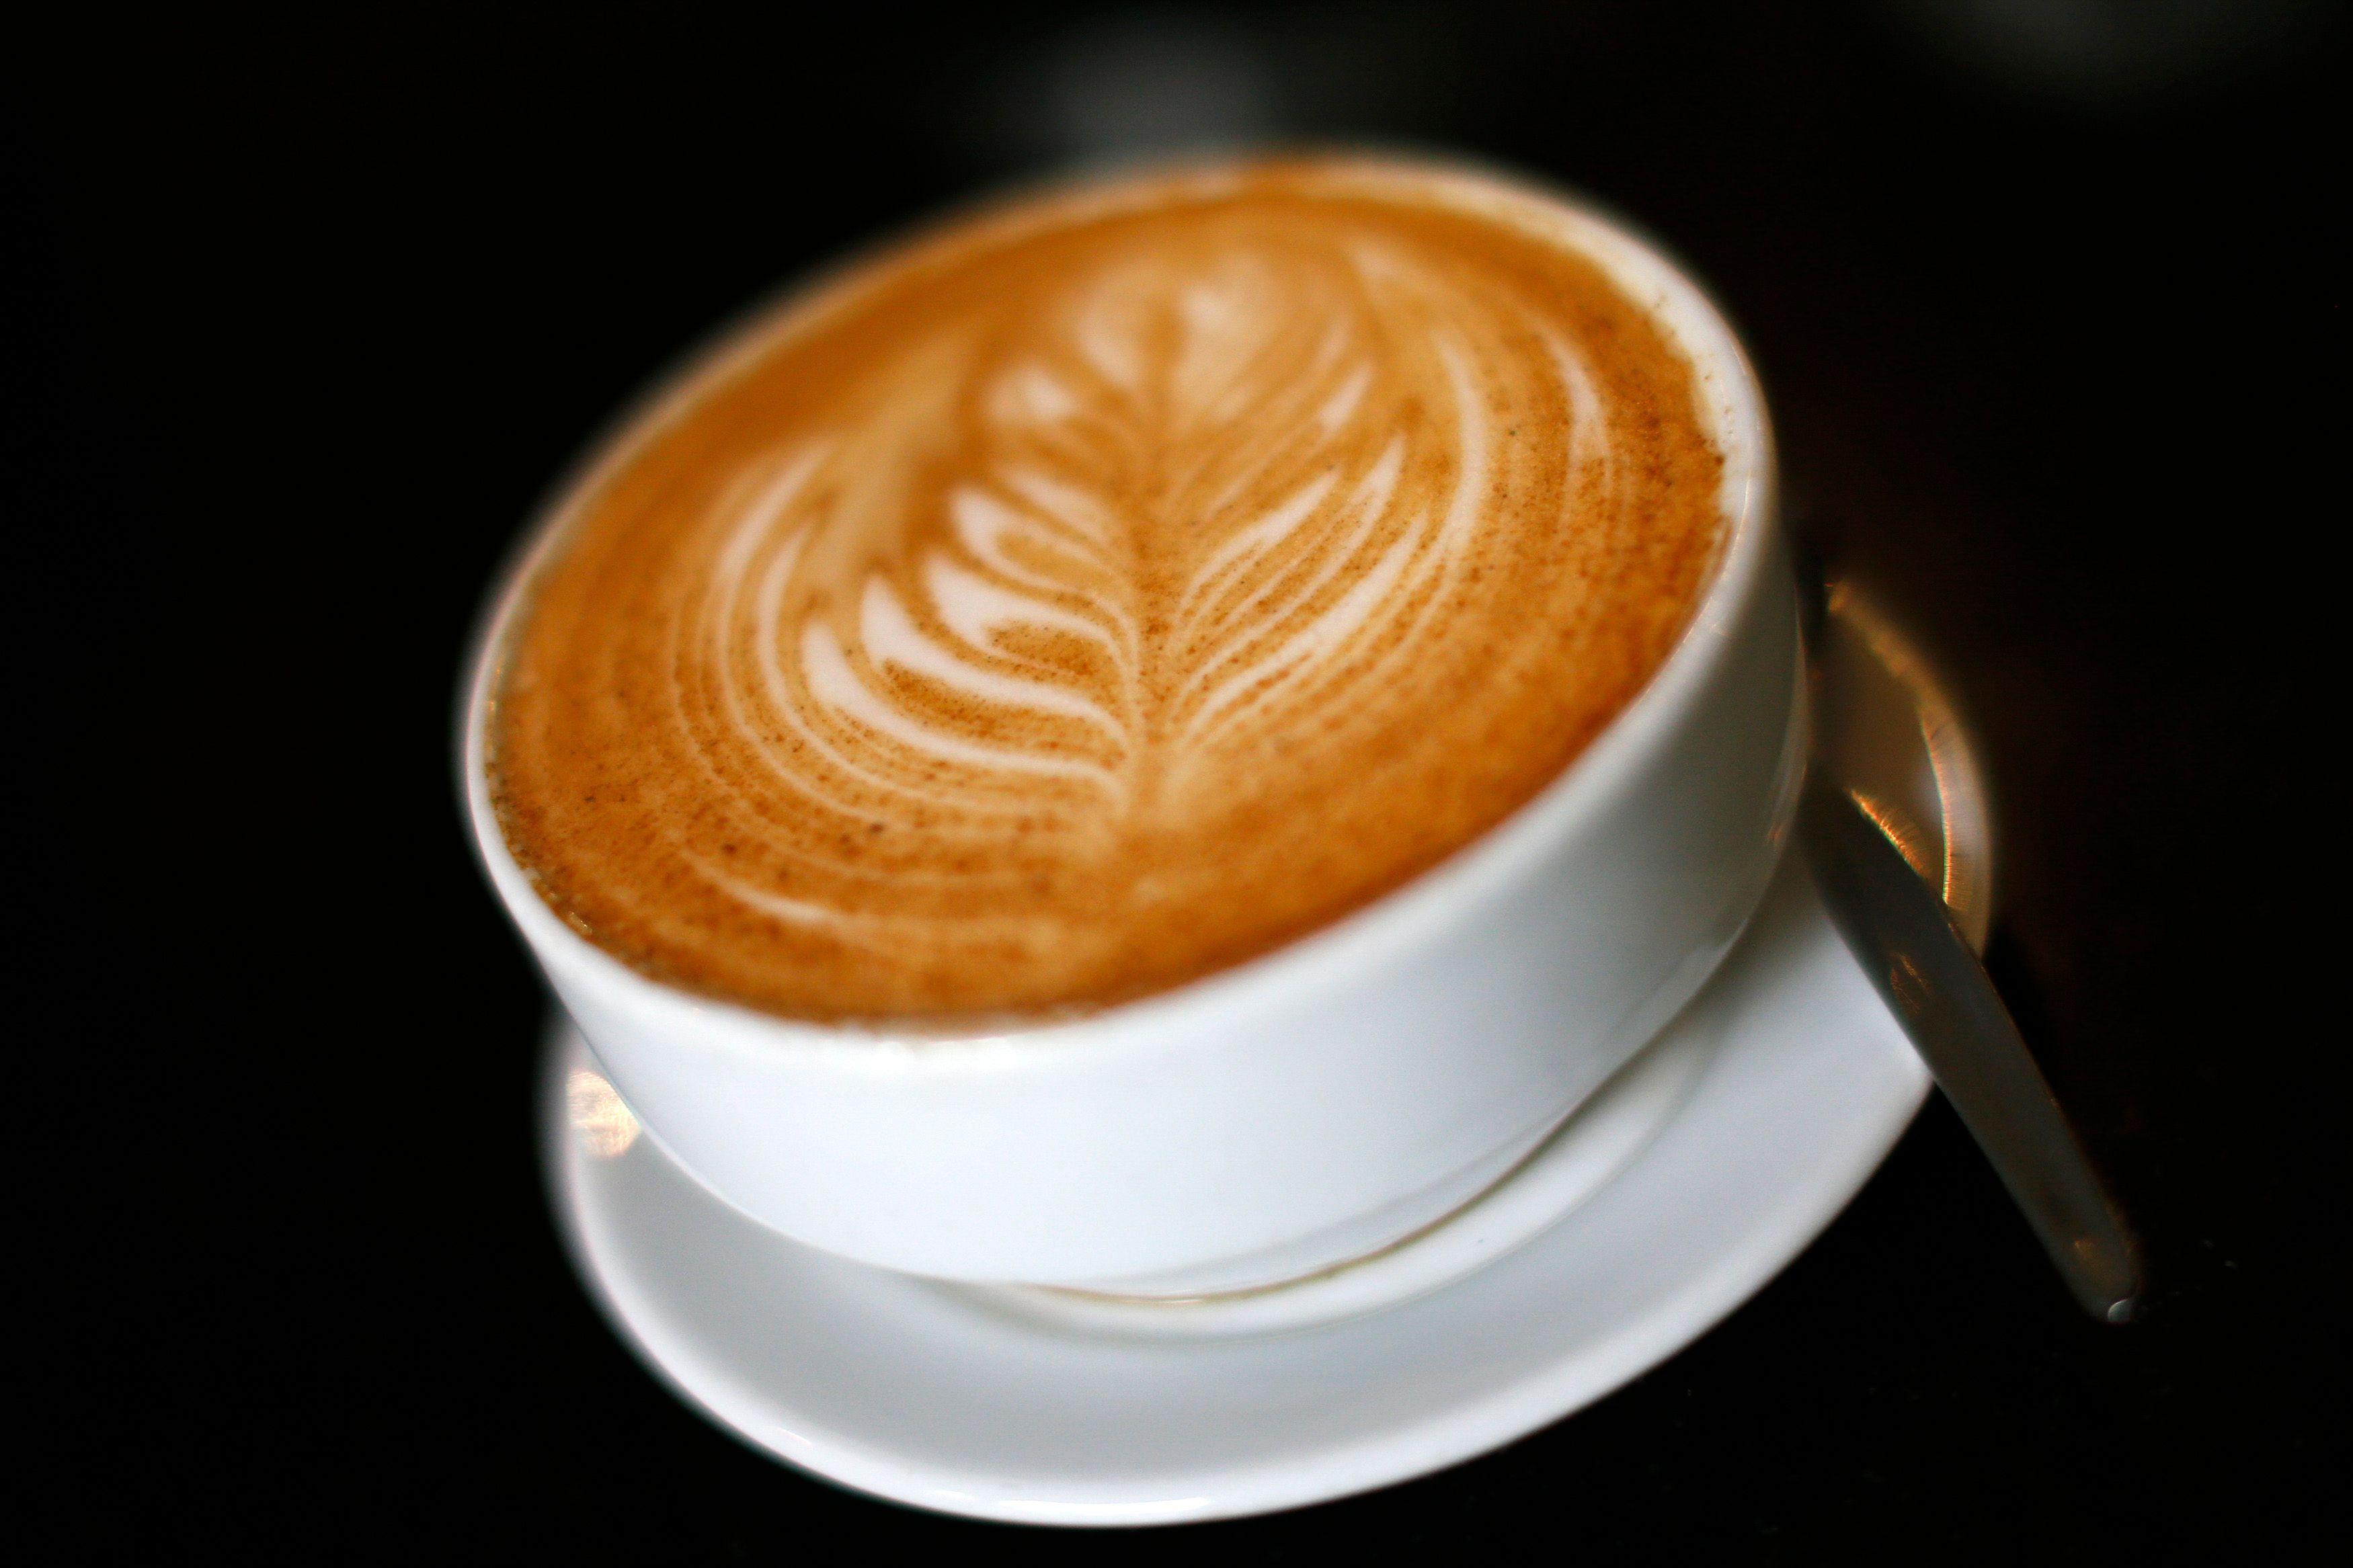 Le café serait finalement bon pour la santé.